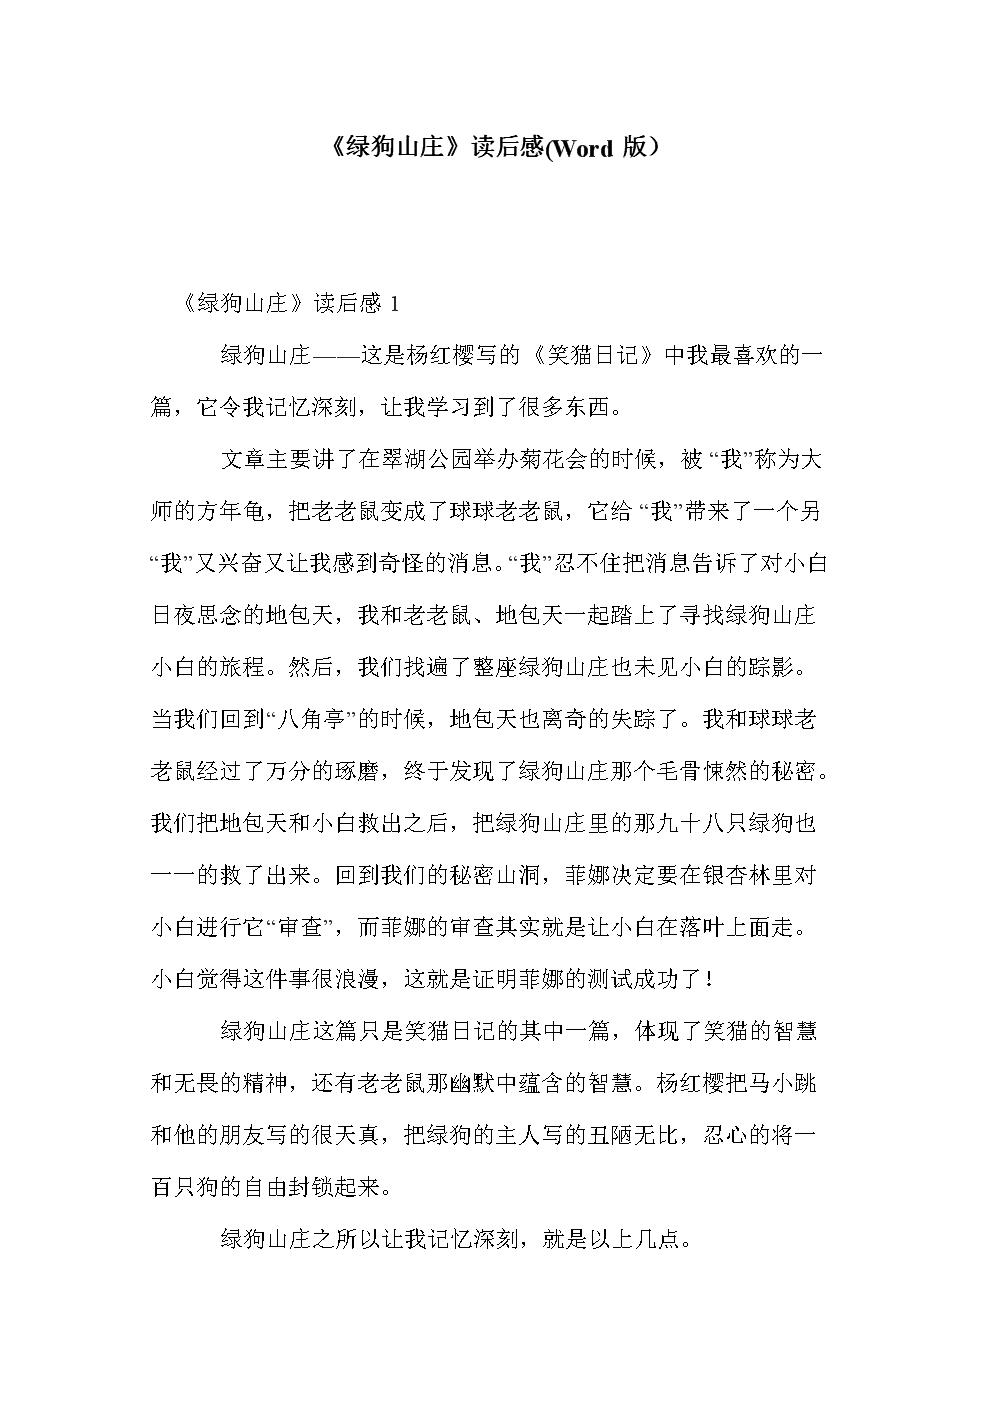 《绿狗山庄》读后感(Word版).doc